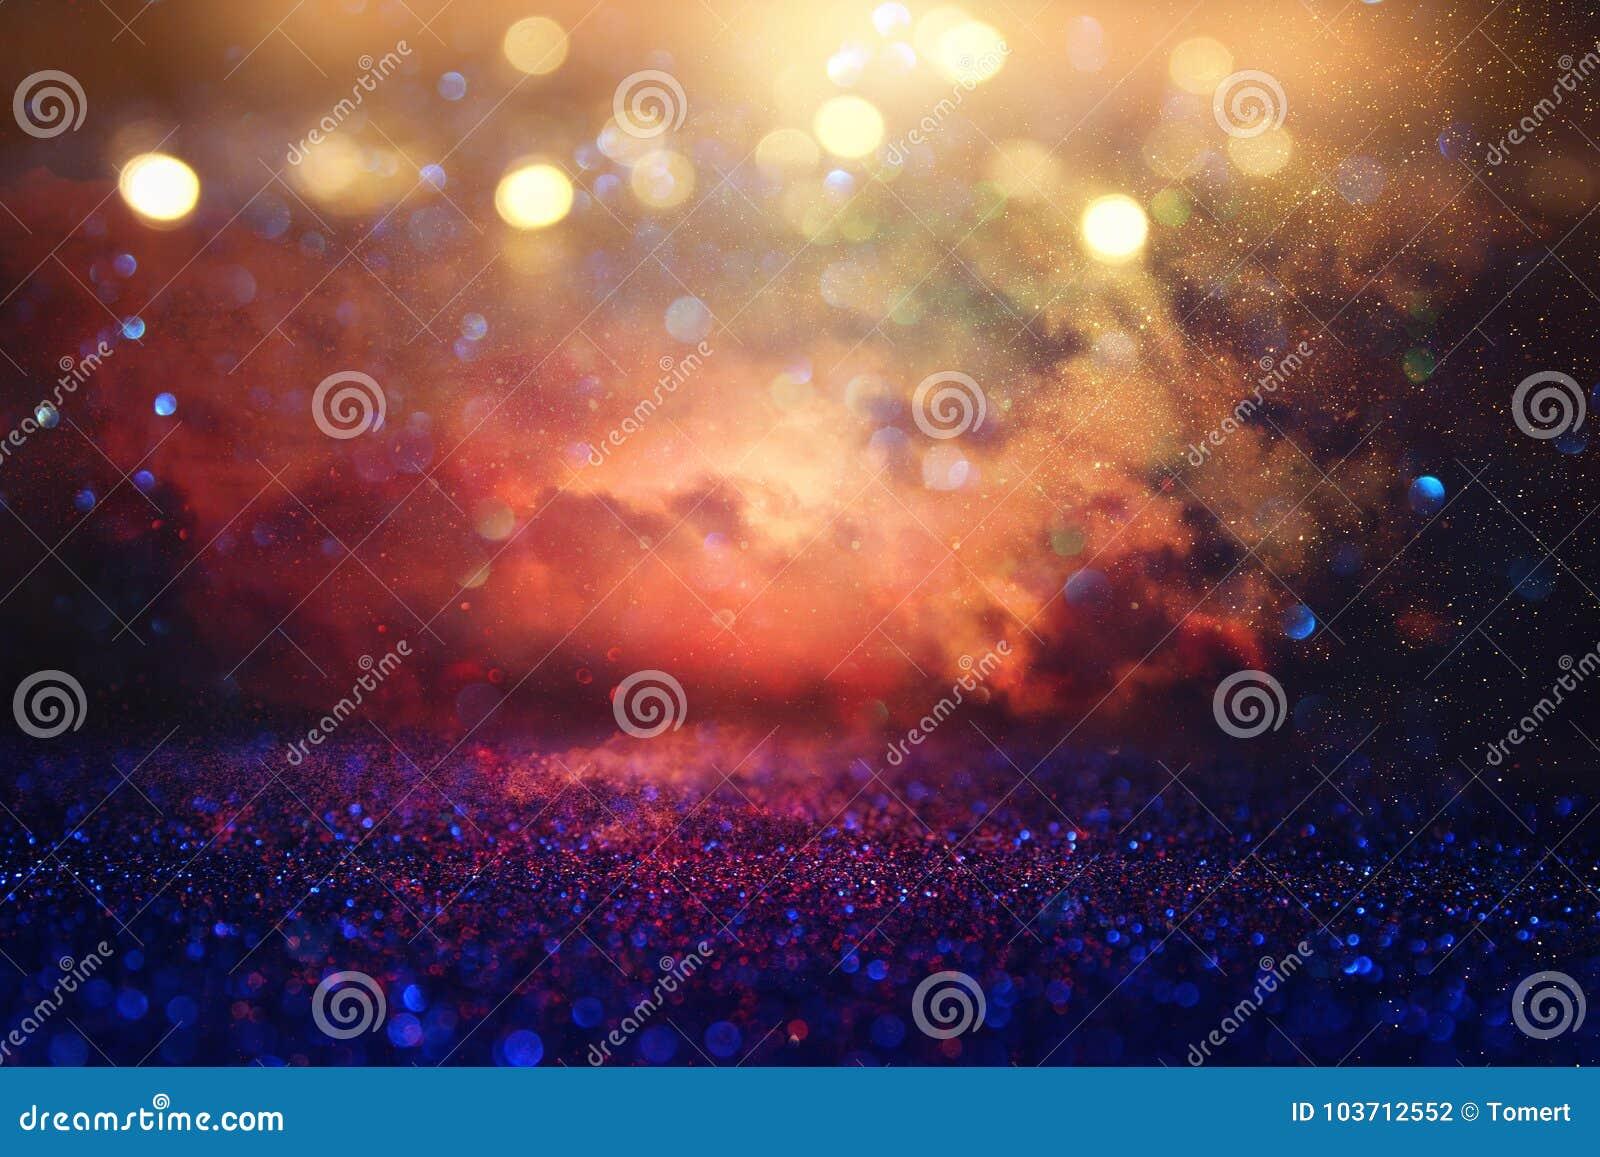 Rot, Schwarzes und Goldfunkelnweinlese beleuchtet Hintergrund defocused